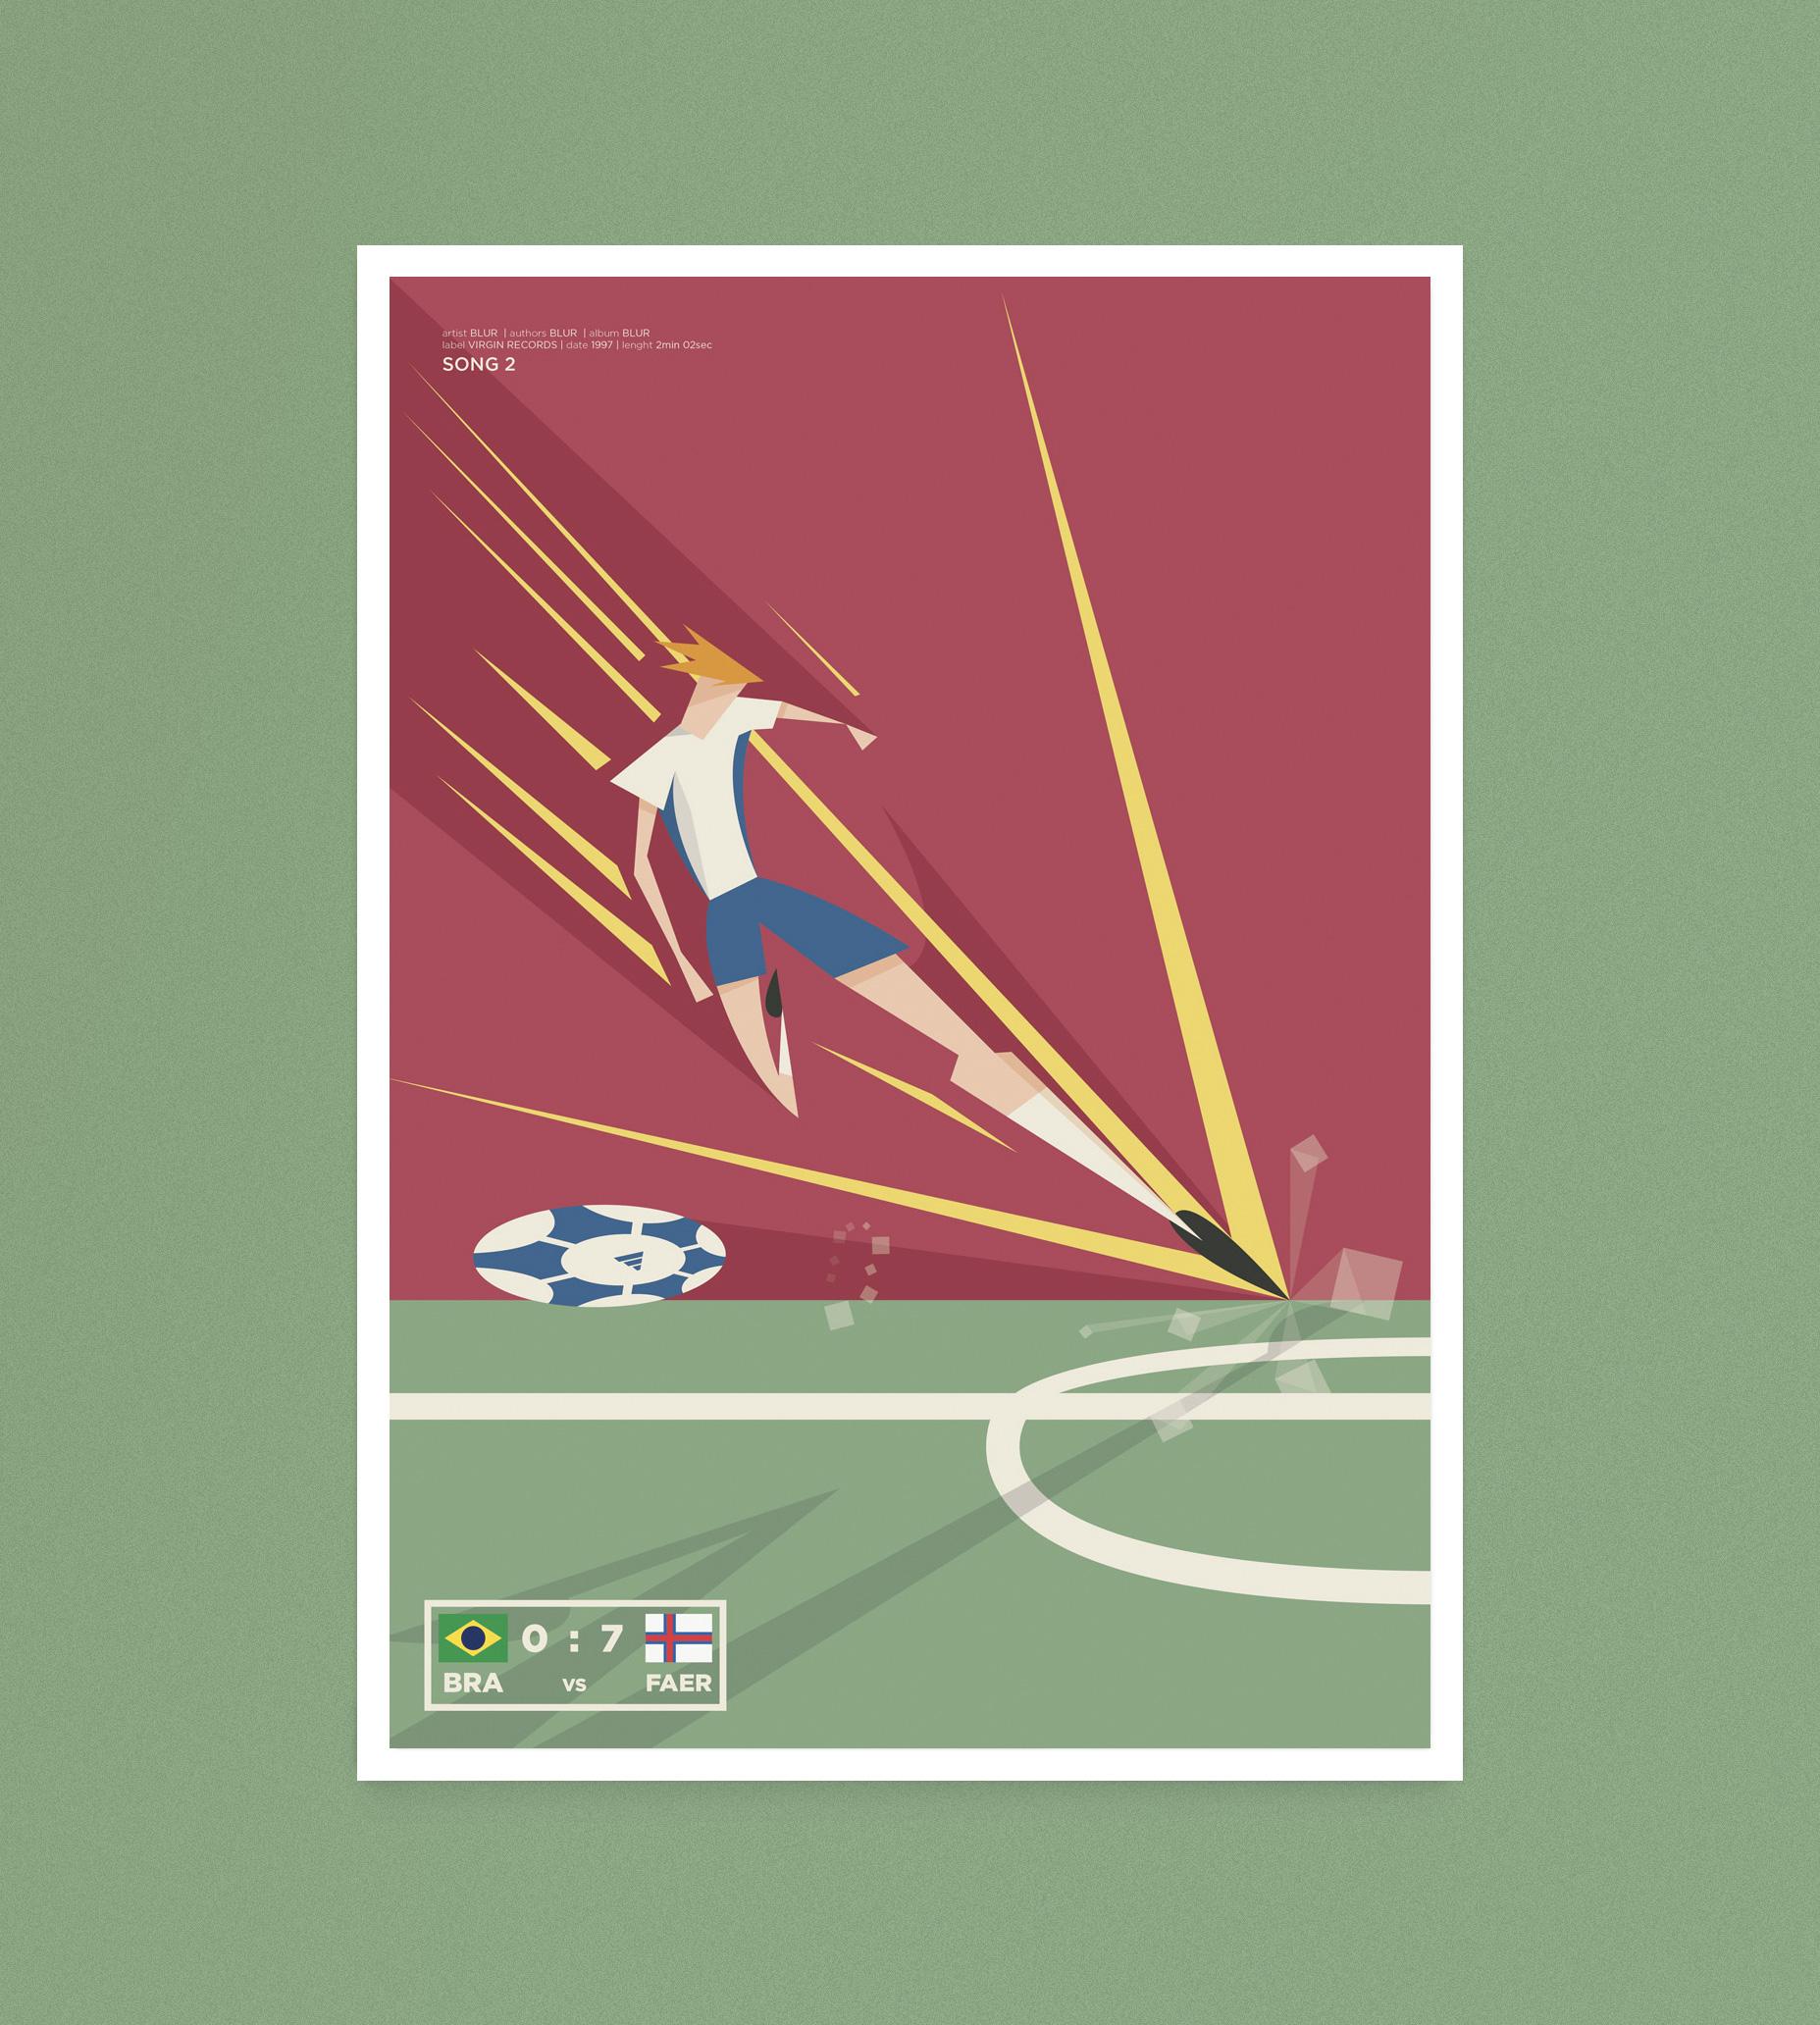 Song Two, un calciatore delle isole Faer Oer si avvia a calciare il pallone per segnare l'ennesimo gol al Brasile